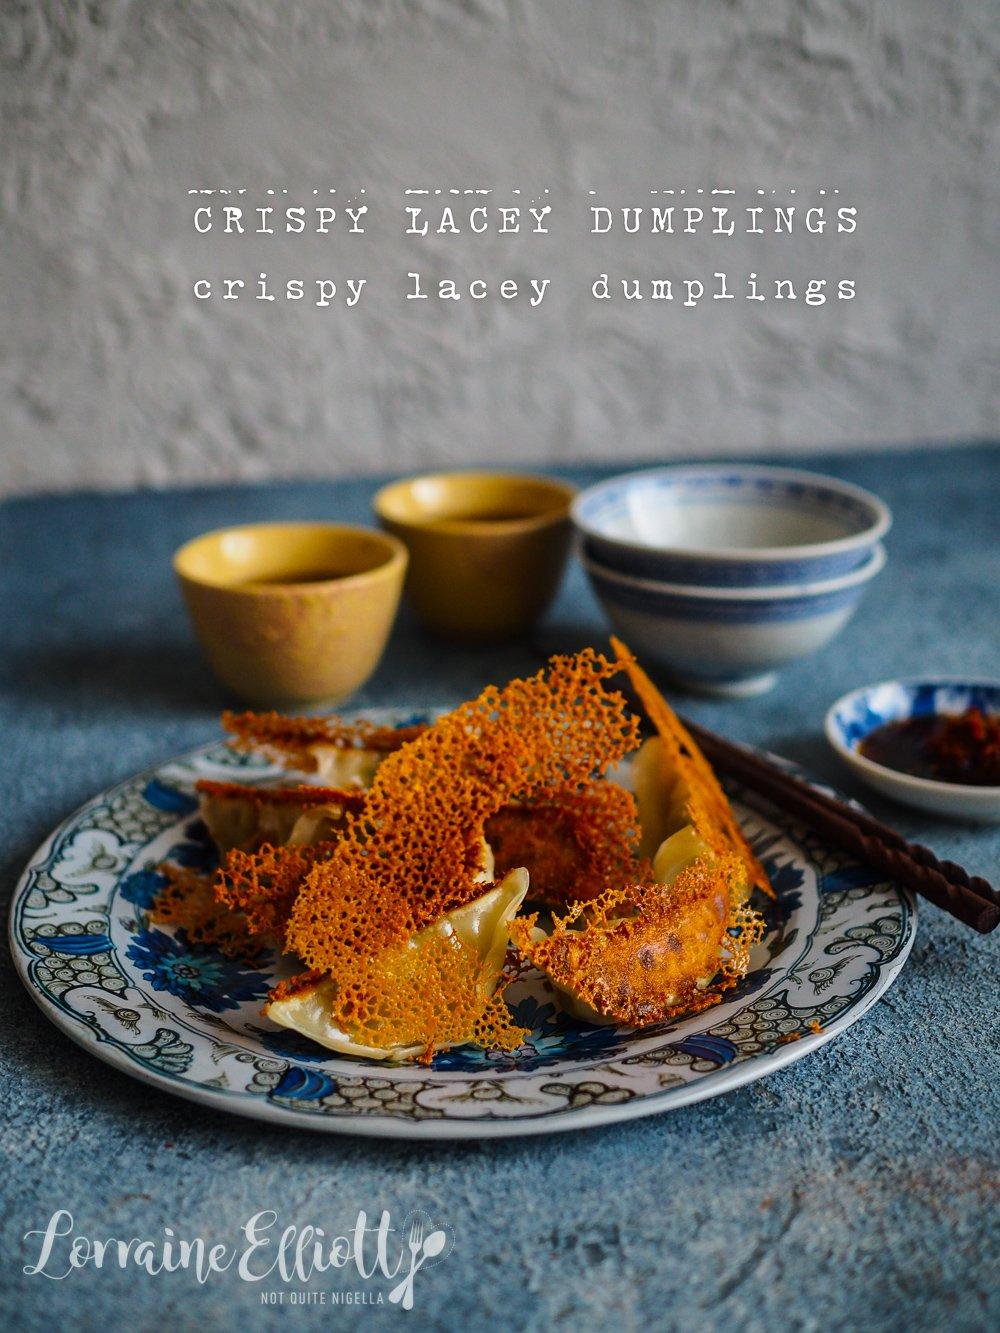 Crispy, Lacey Dumplings